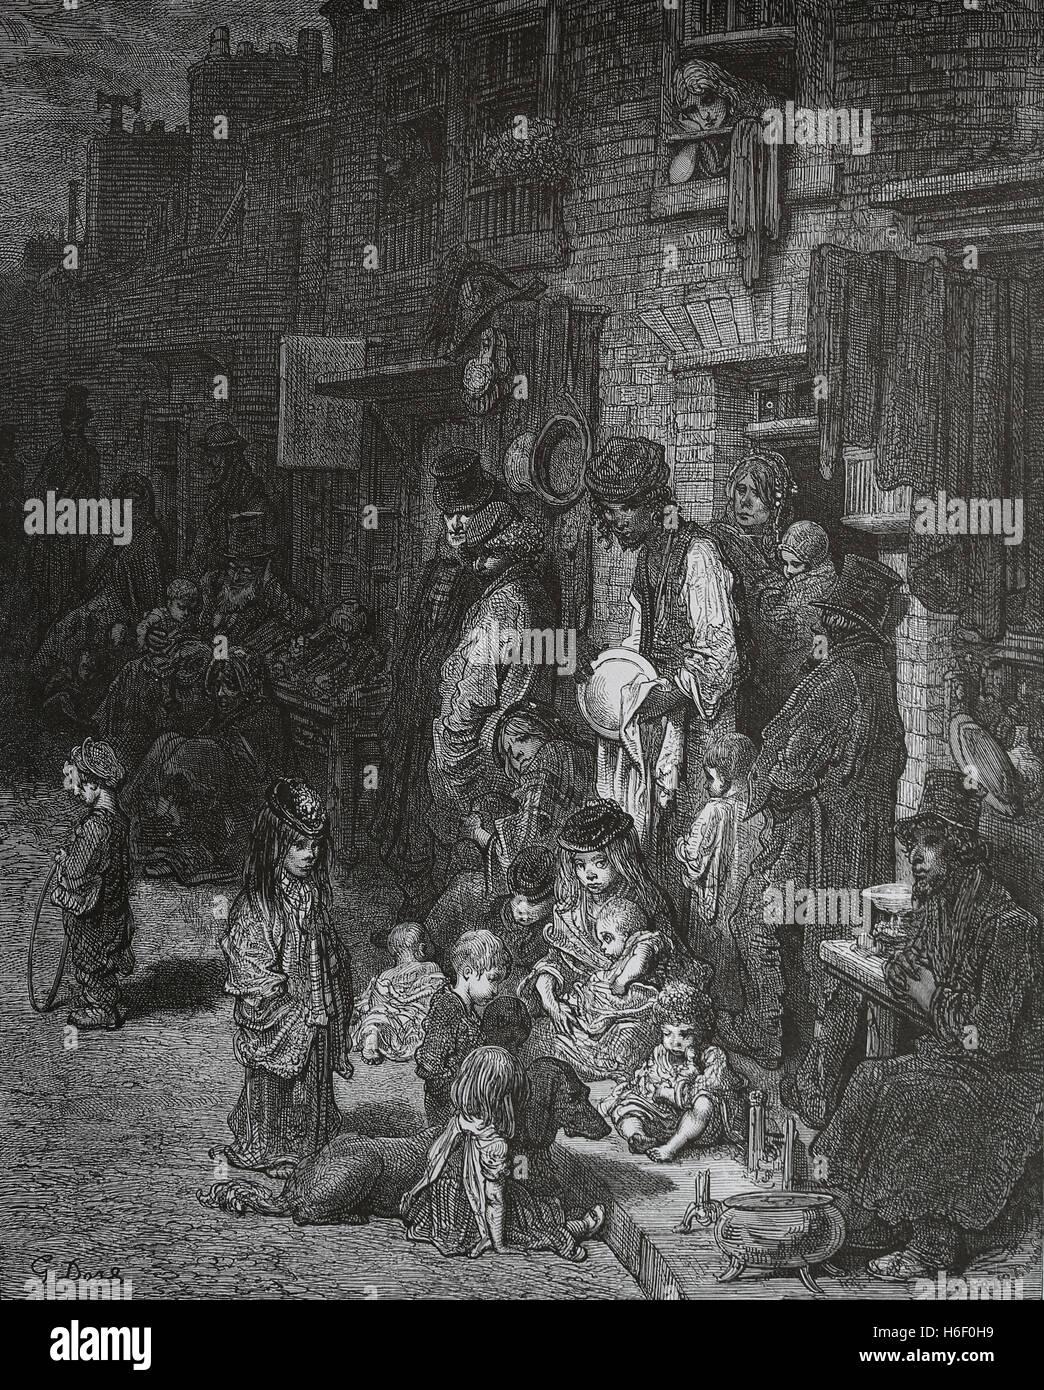 Regno Unito. Londra. Whitechapel. Quartiere della classe operaia. Incisione di Gustave Dore, Londra; un pellegrinaggio. Immagini Stock